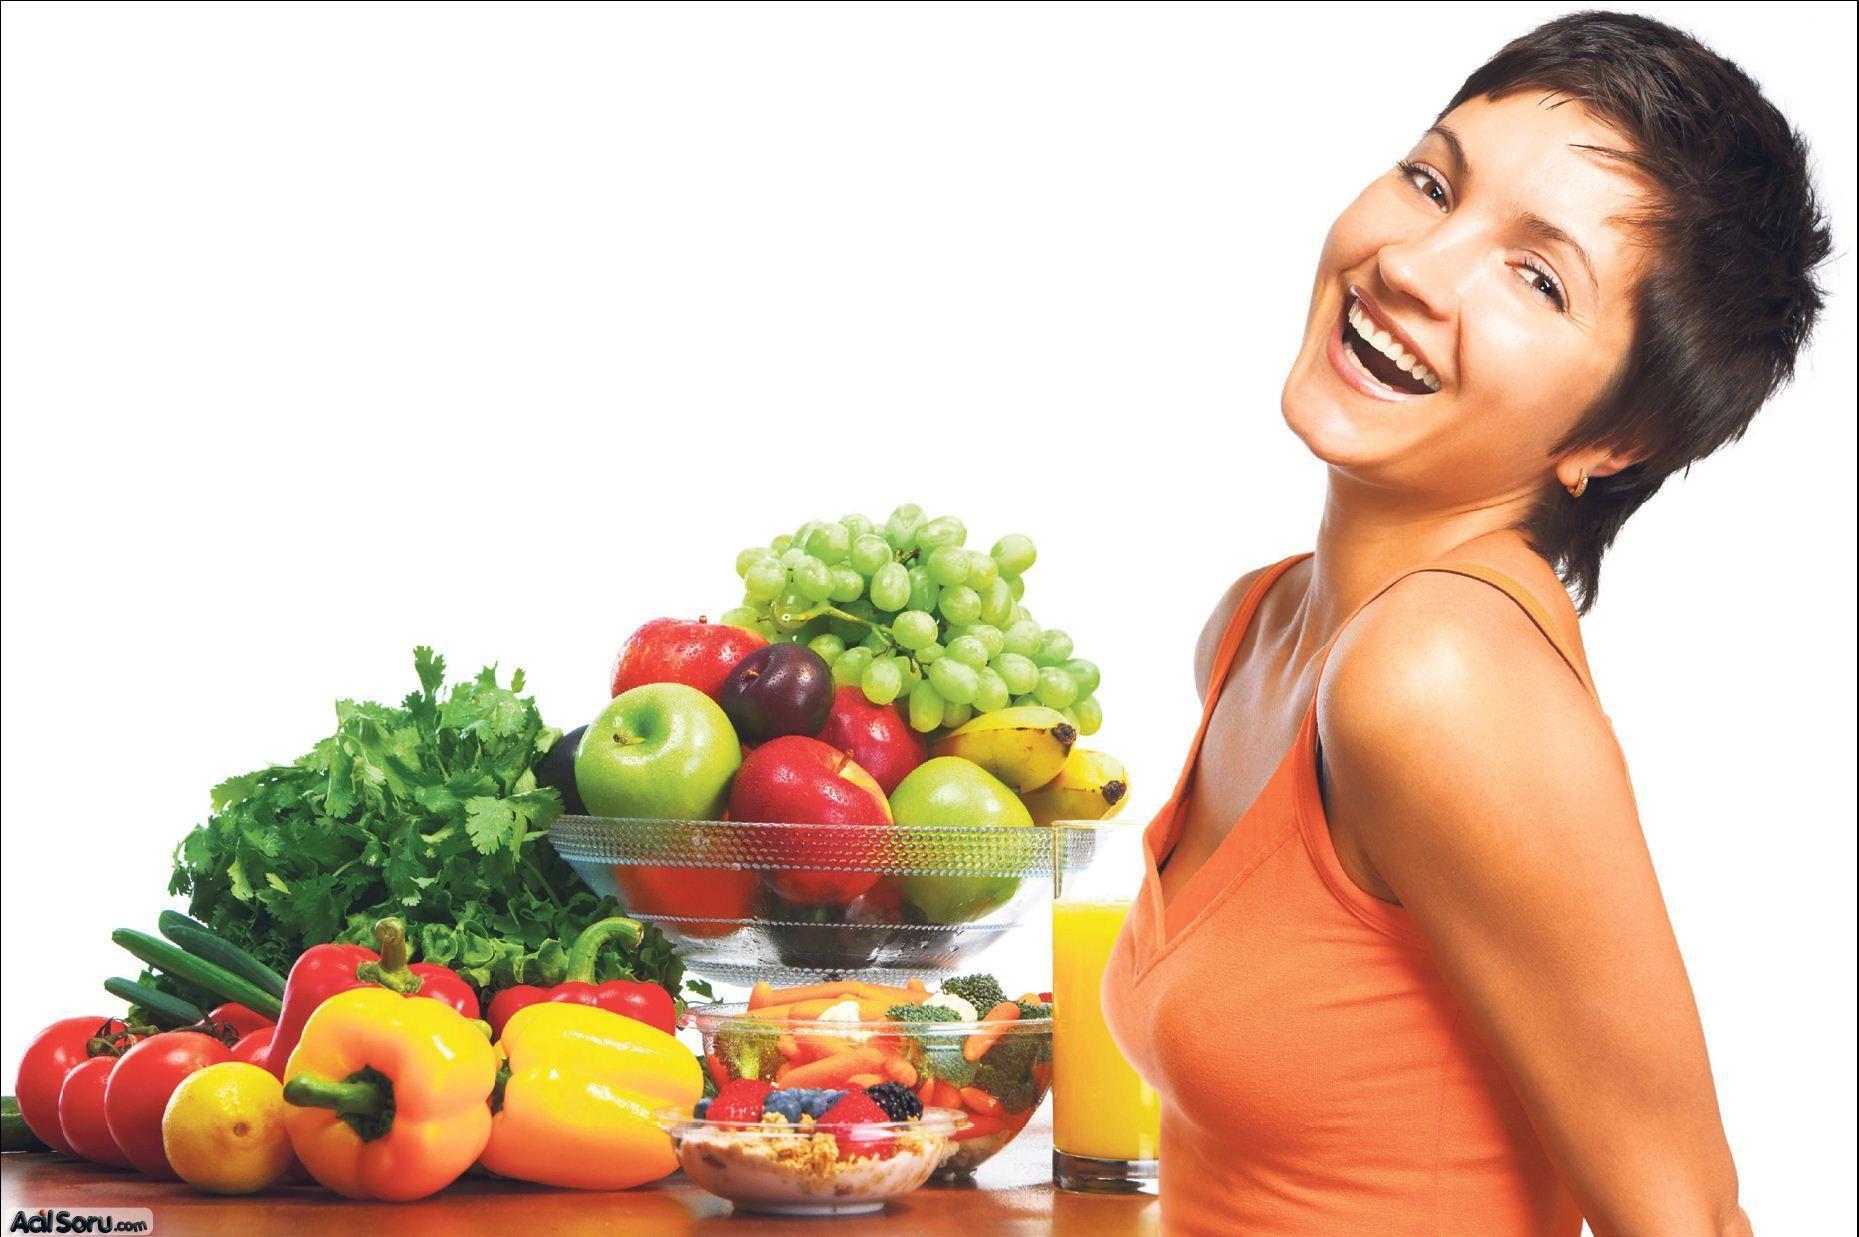 Estrogênios Naturais – Alimentos Ricos em Estrogênios Naturais